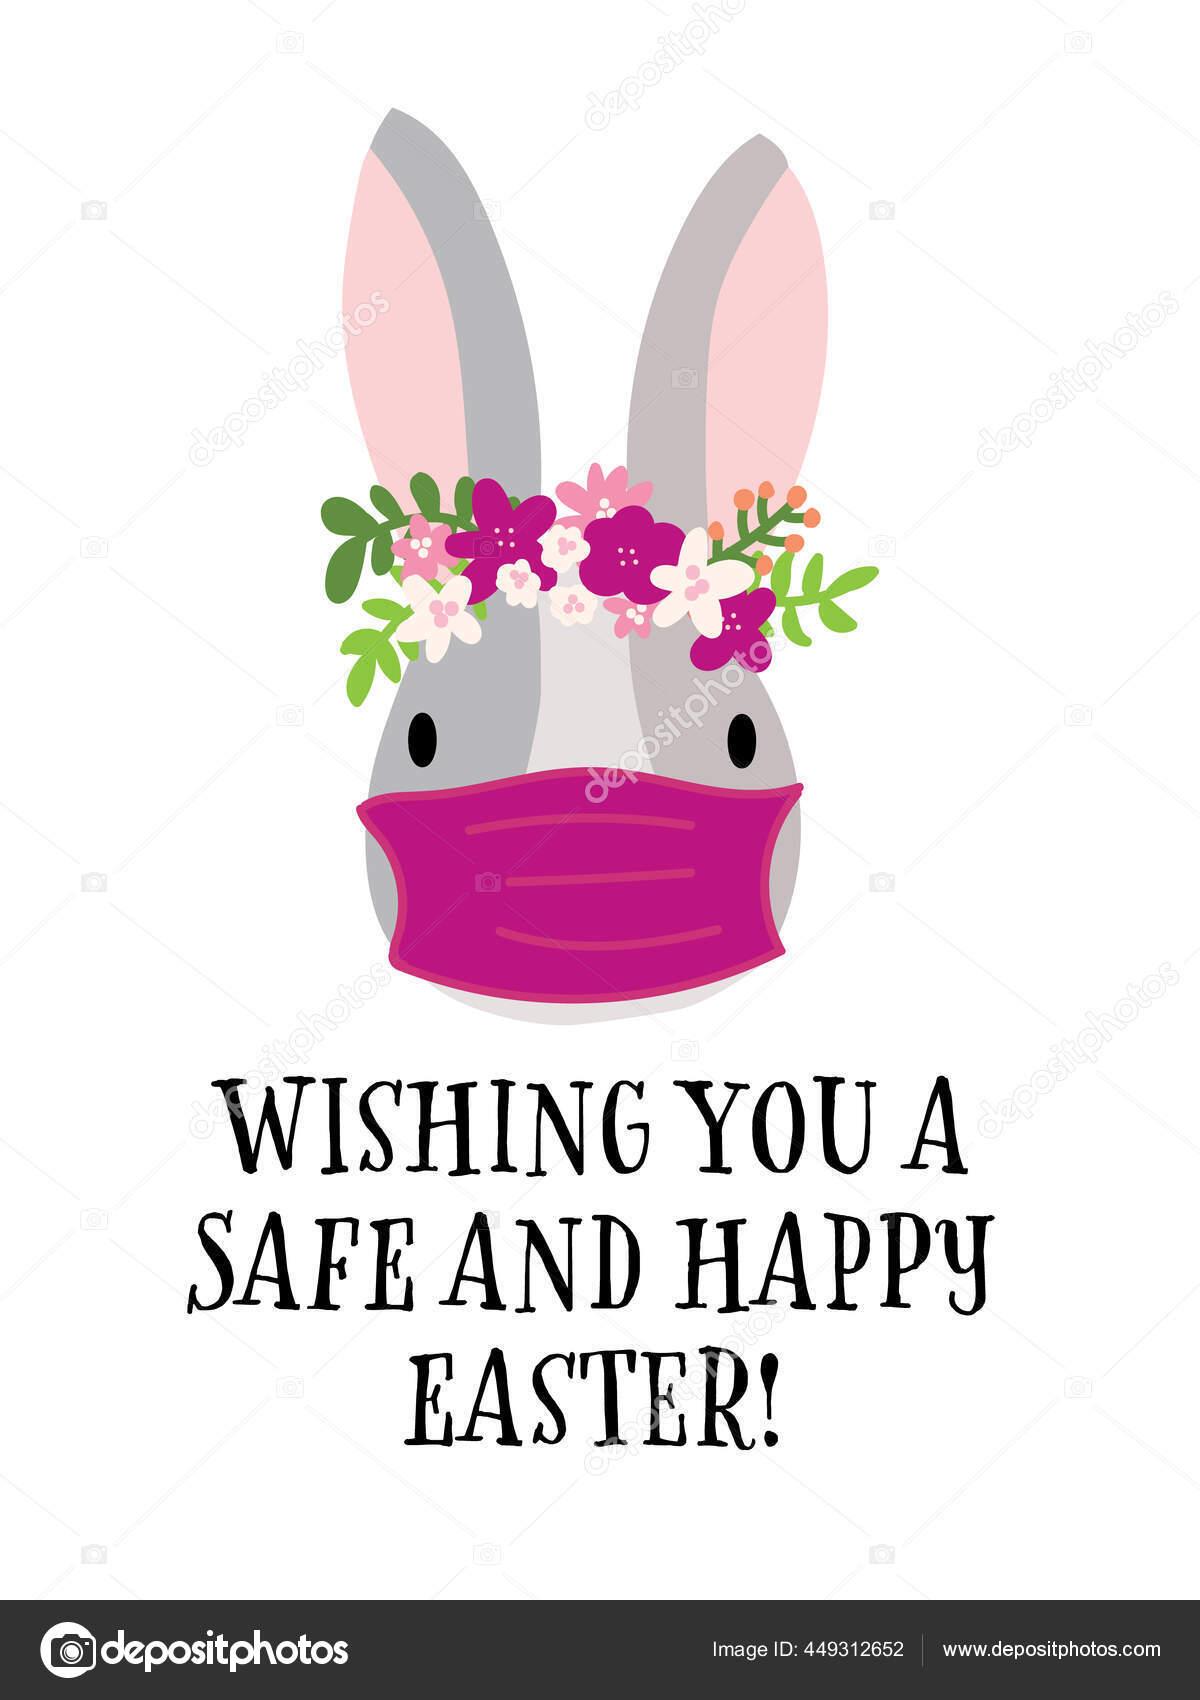 Covid Easter Rabbit Greeting Card Template Vector Selamat Paskah 2021 Tetaplah Di Rumah Dan Selamat Kelinci Coronavirus Dengan Topeng Pelindung Wajah Medis Cute Tangan Digambar Ilustrasi Terisolasi Di Latar Belakang Putih